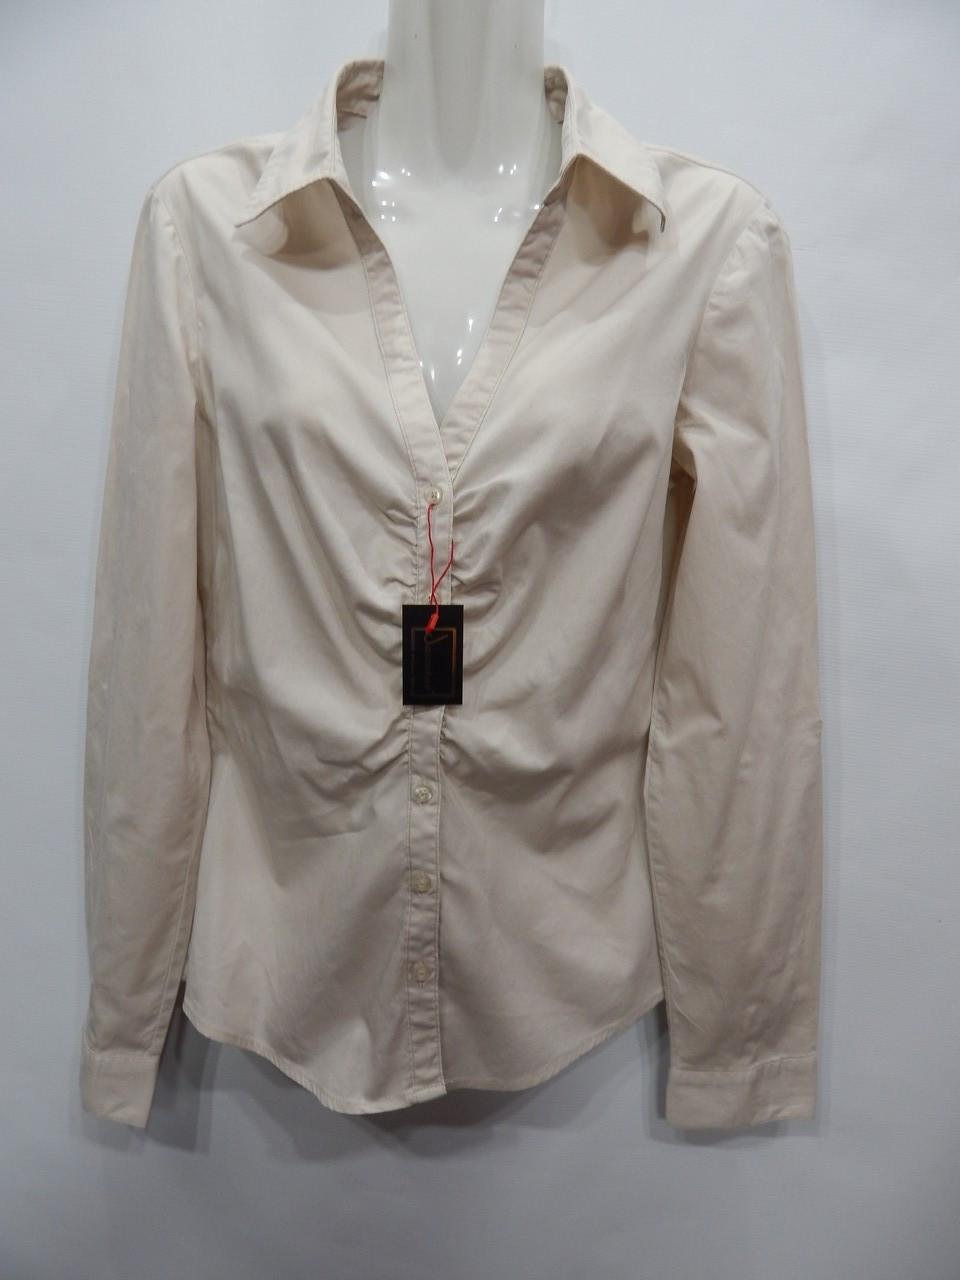 Блуза легкая фирменная женская Terranova хлопок р. 44- 46 060бж